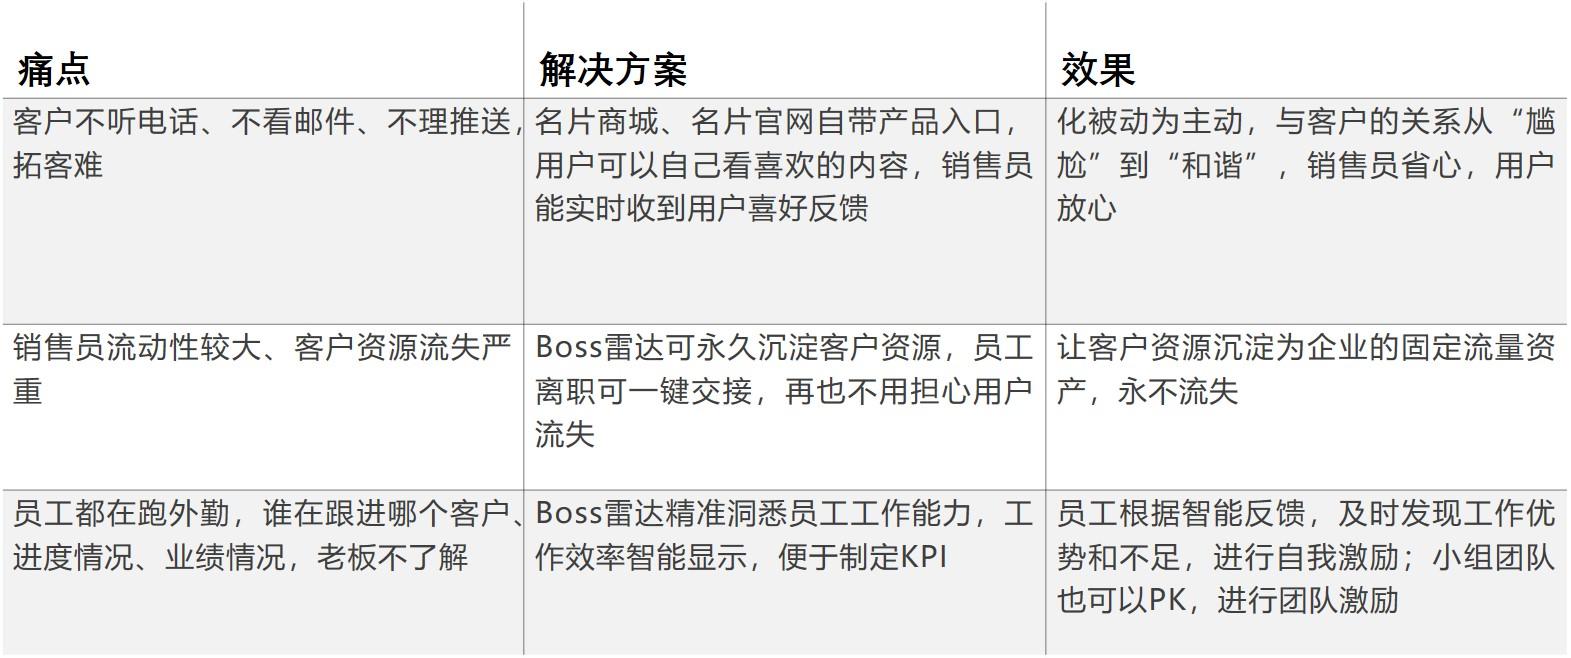 「中国人寿」登陆亚博欧冠智能名片.jpg